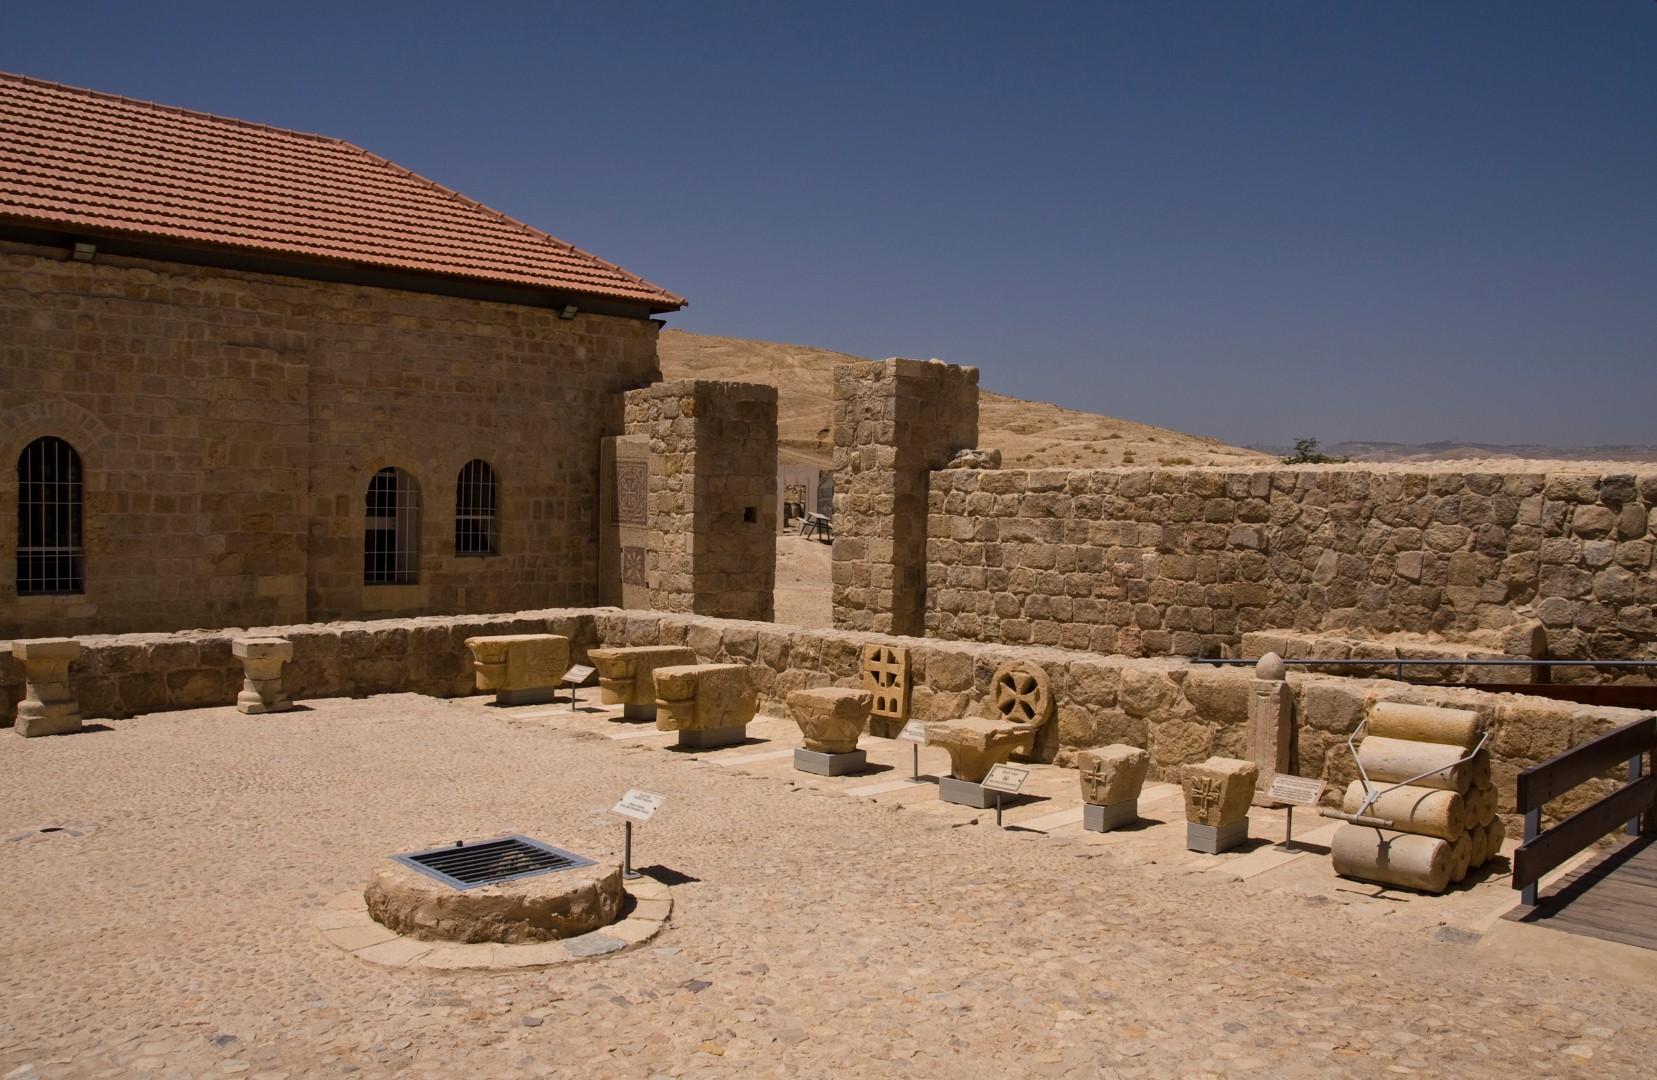 מוזיאון השומרוני הטוב (צילום: עמיר אלוני)